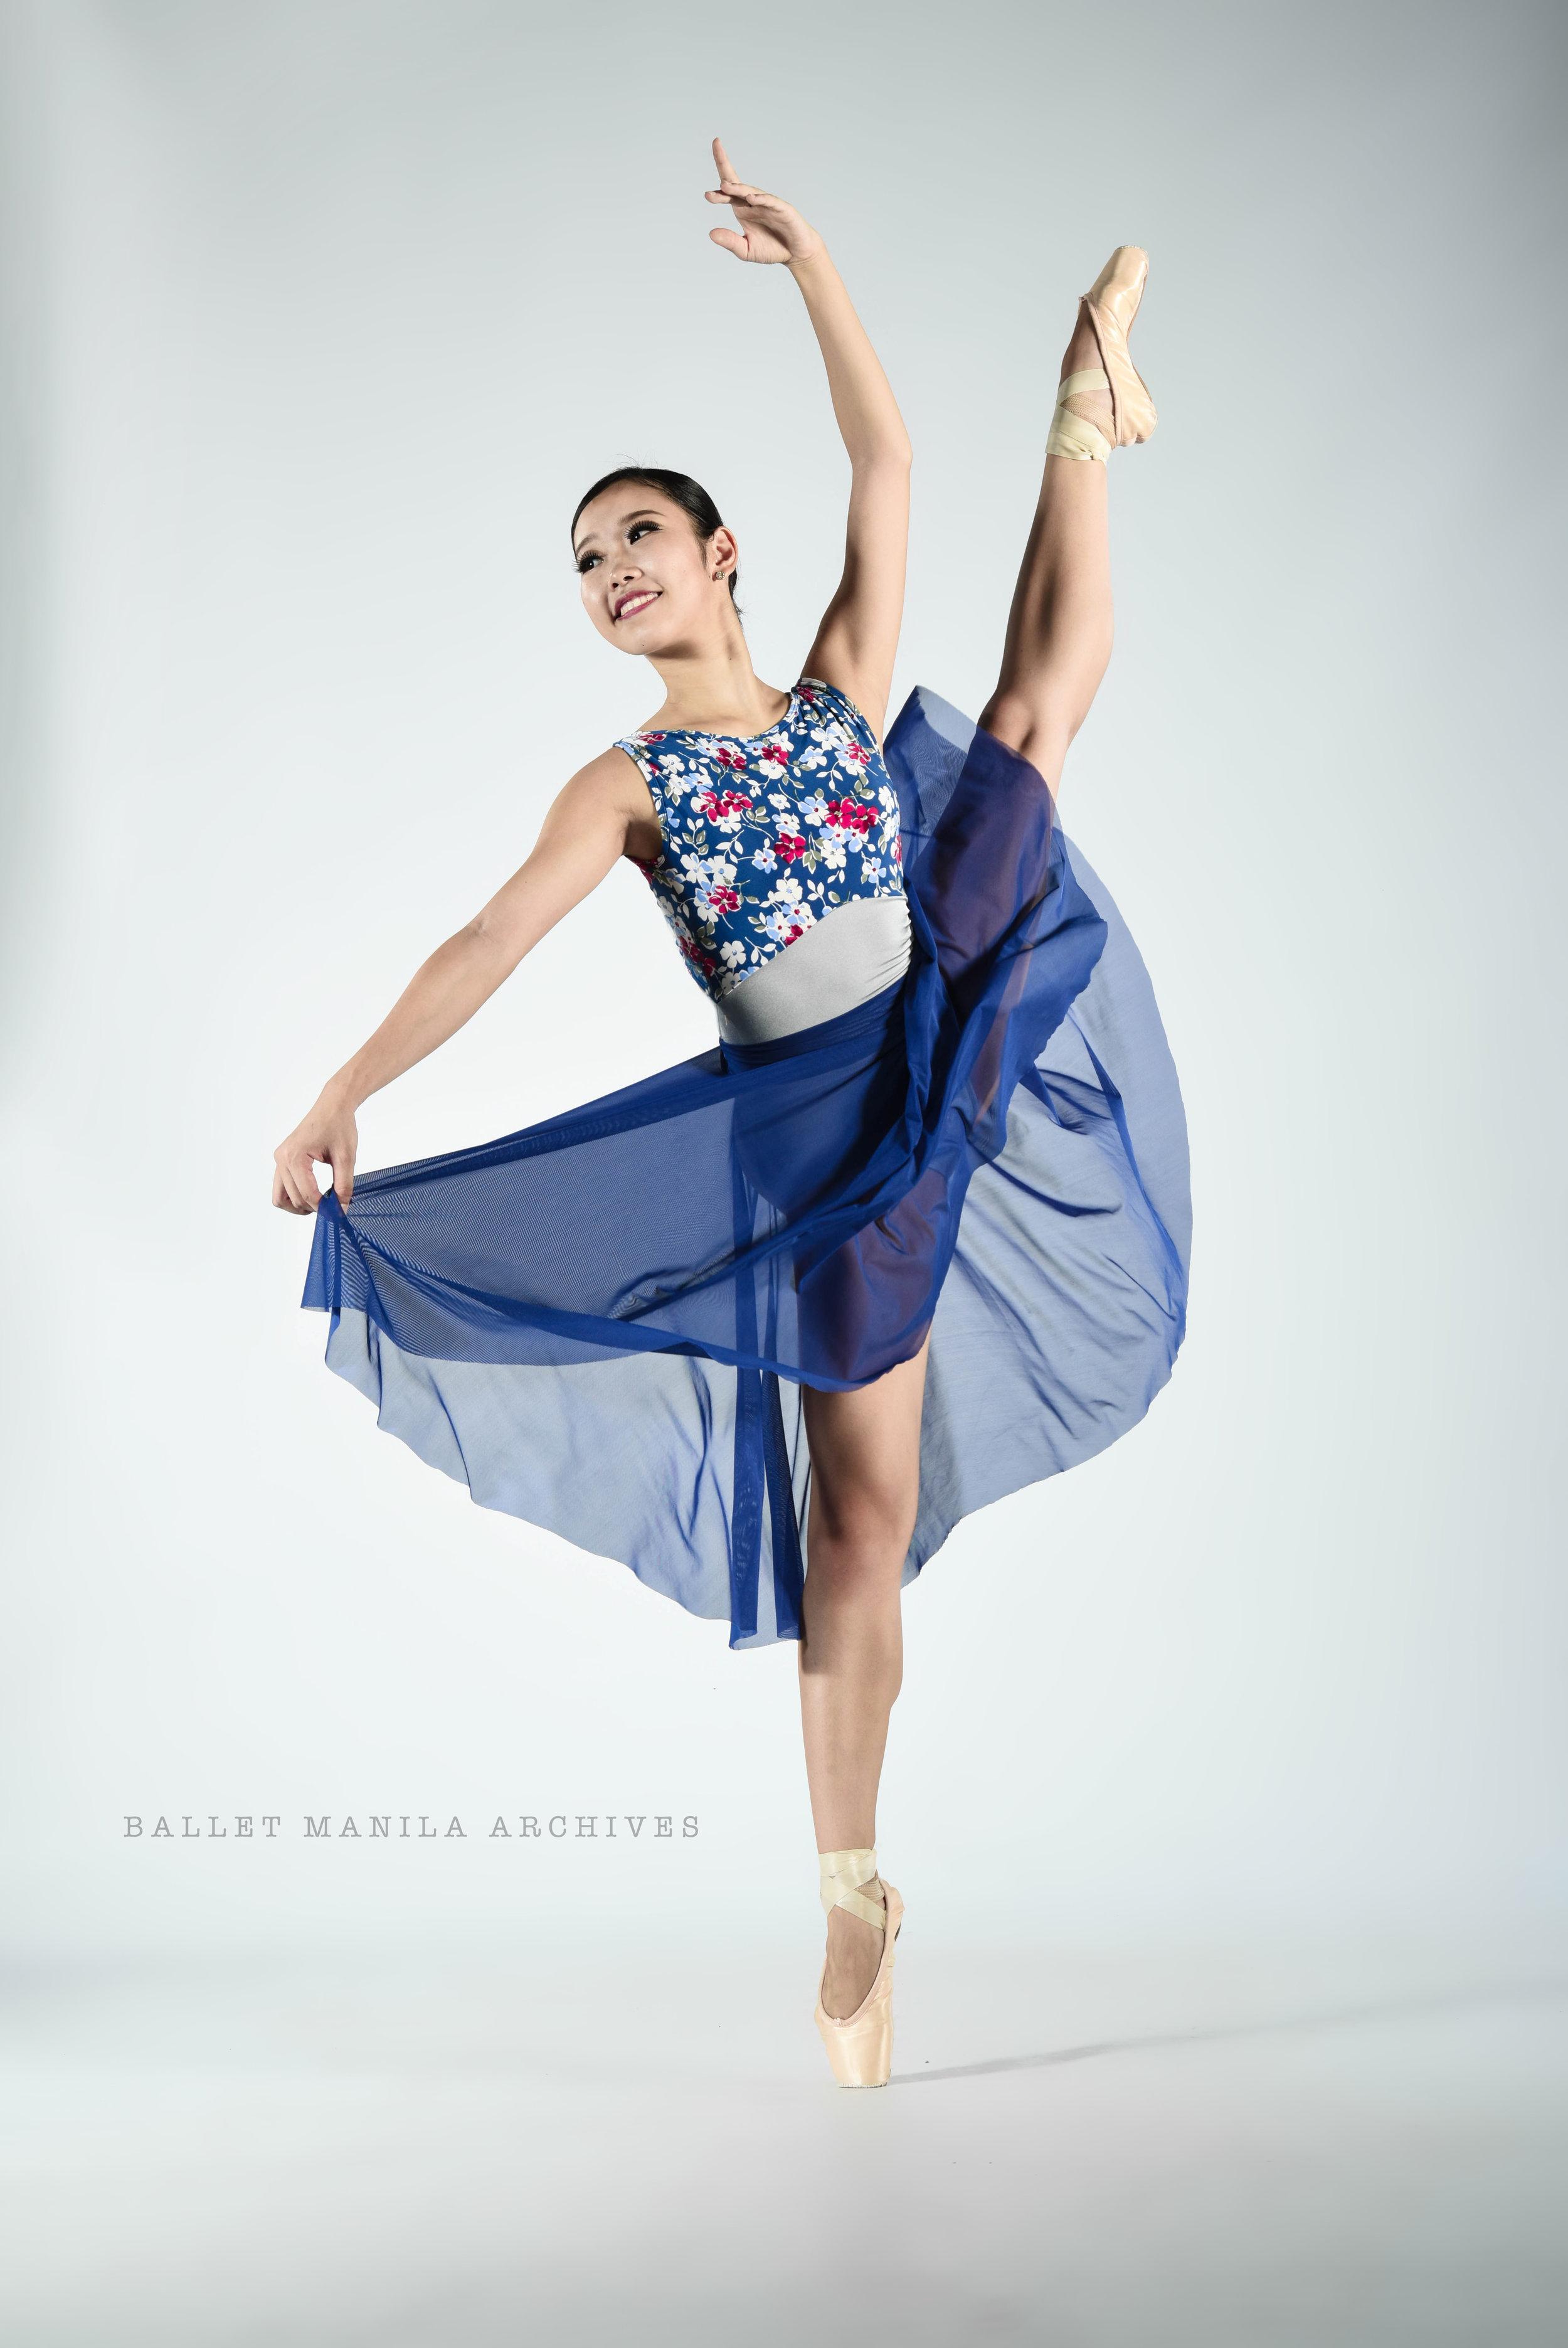 Ballet Dictionary: Écarté Derrière 1 - Ballet Manila Archives